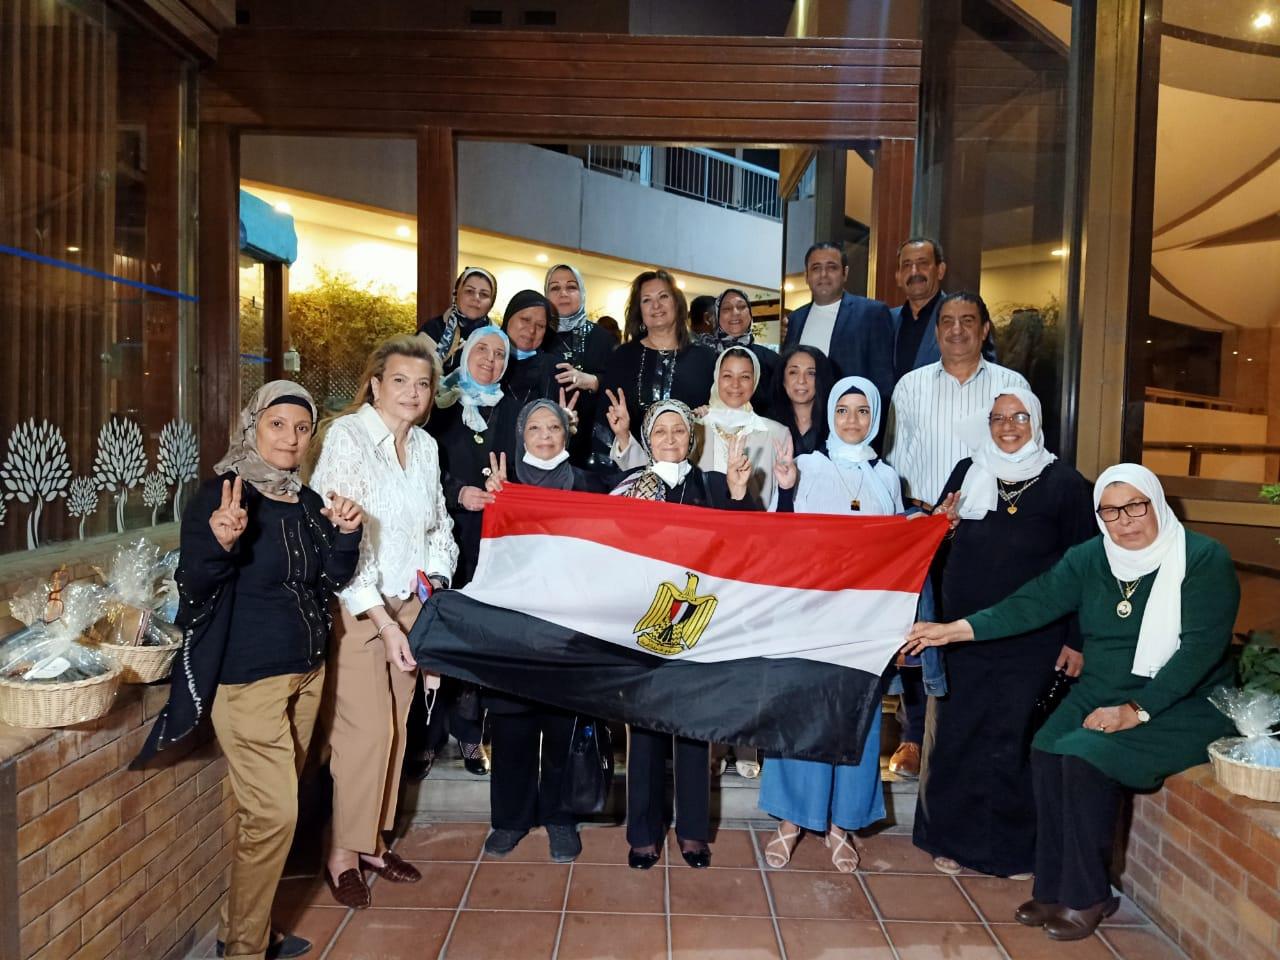 رمسيس هيلتون يحتفل بامهات وزوجات شهداء مصر